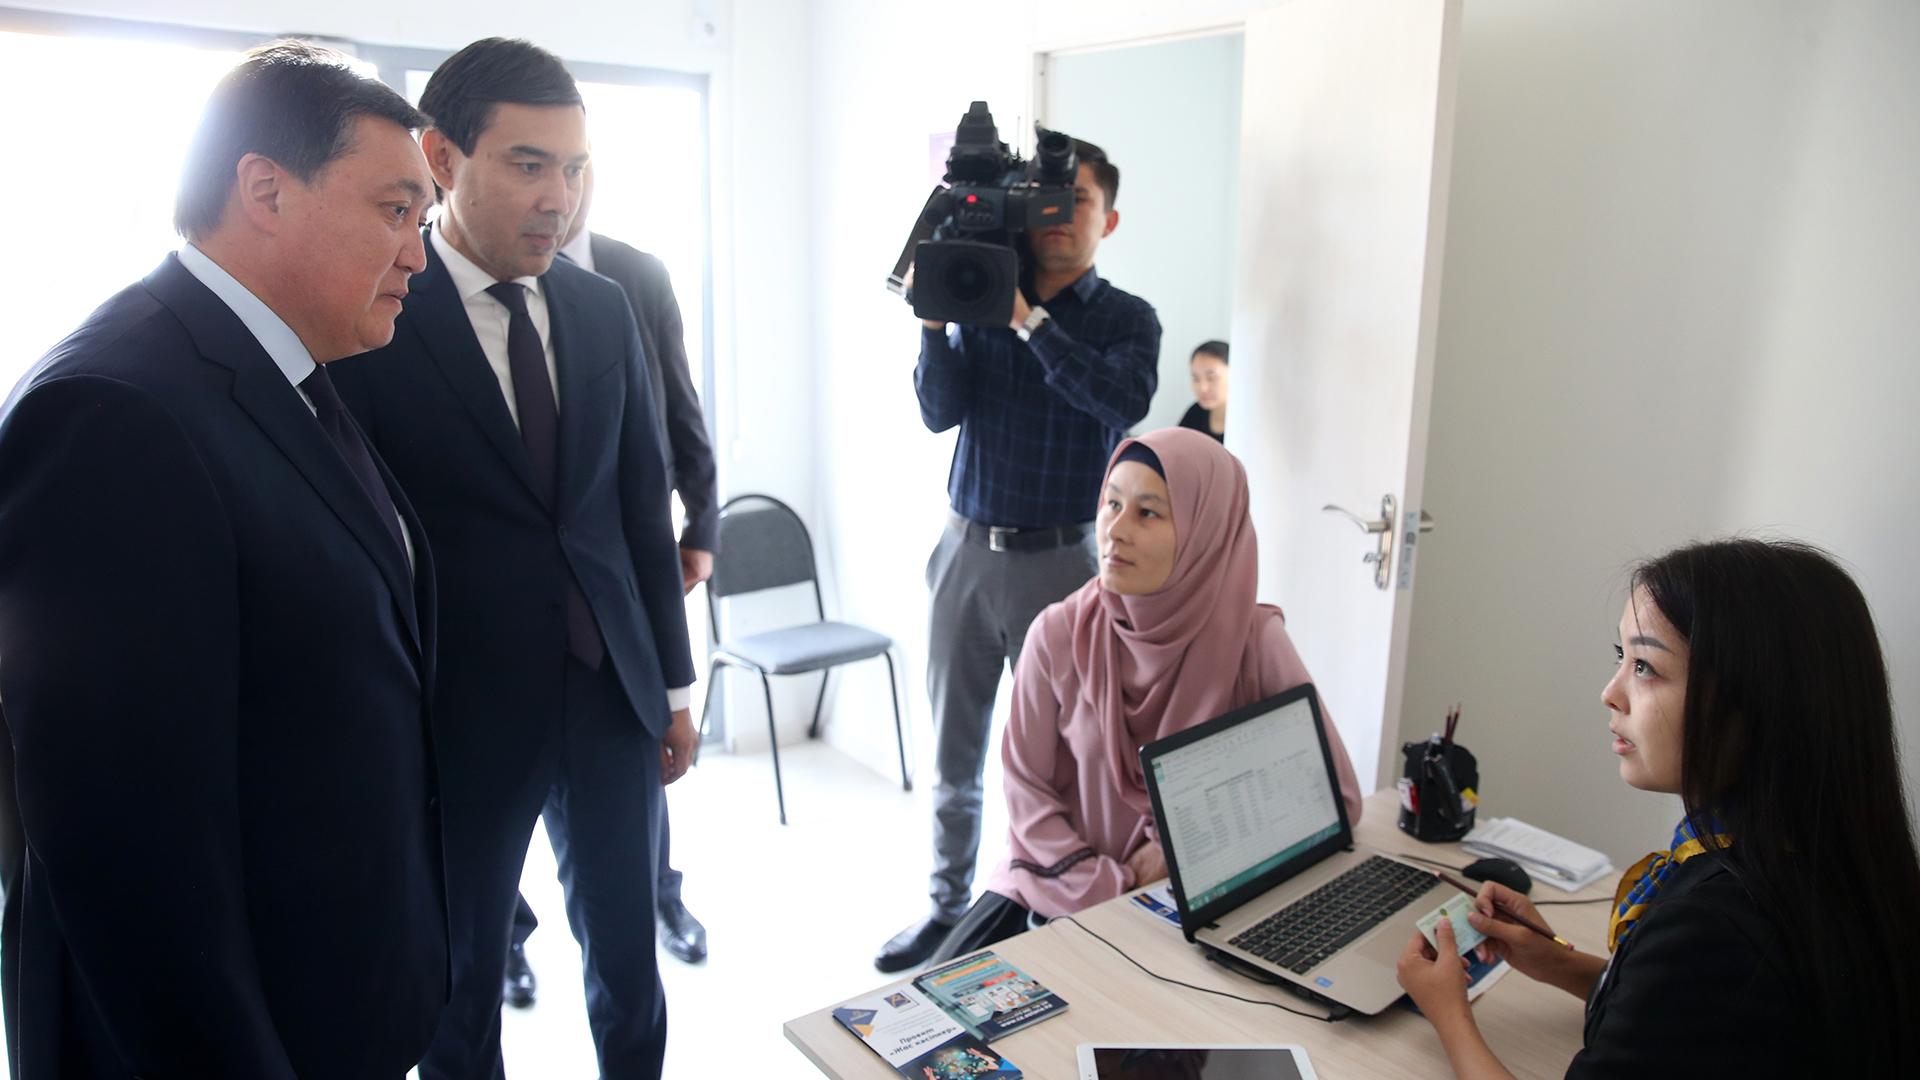 Үкімет басшысы жас кәсіпкерлерге арнап бизнес-тренинг өткізді